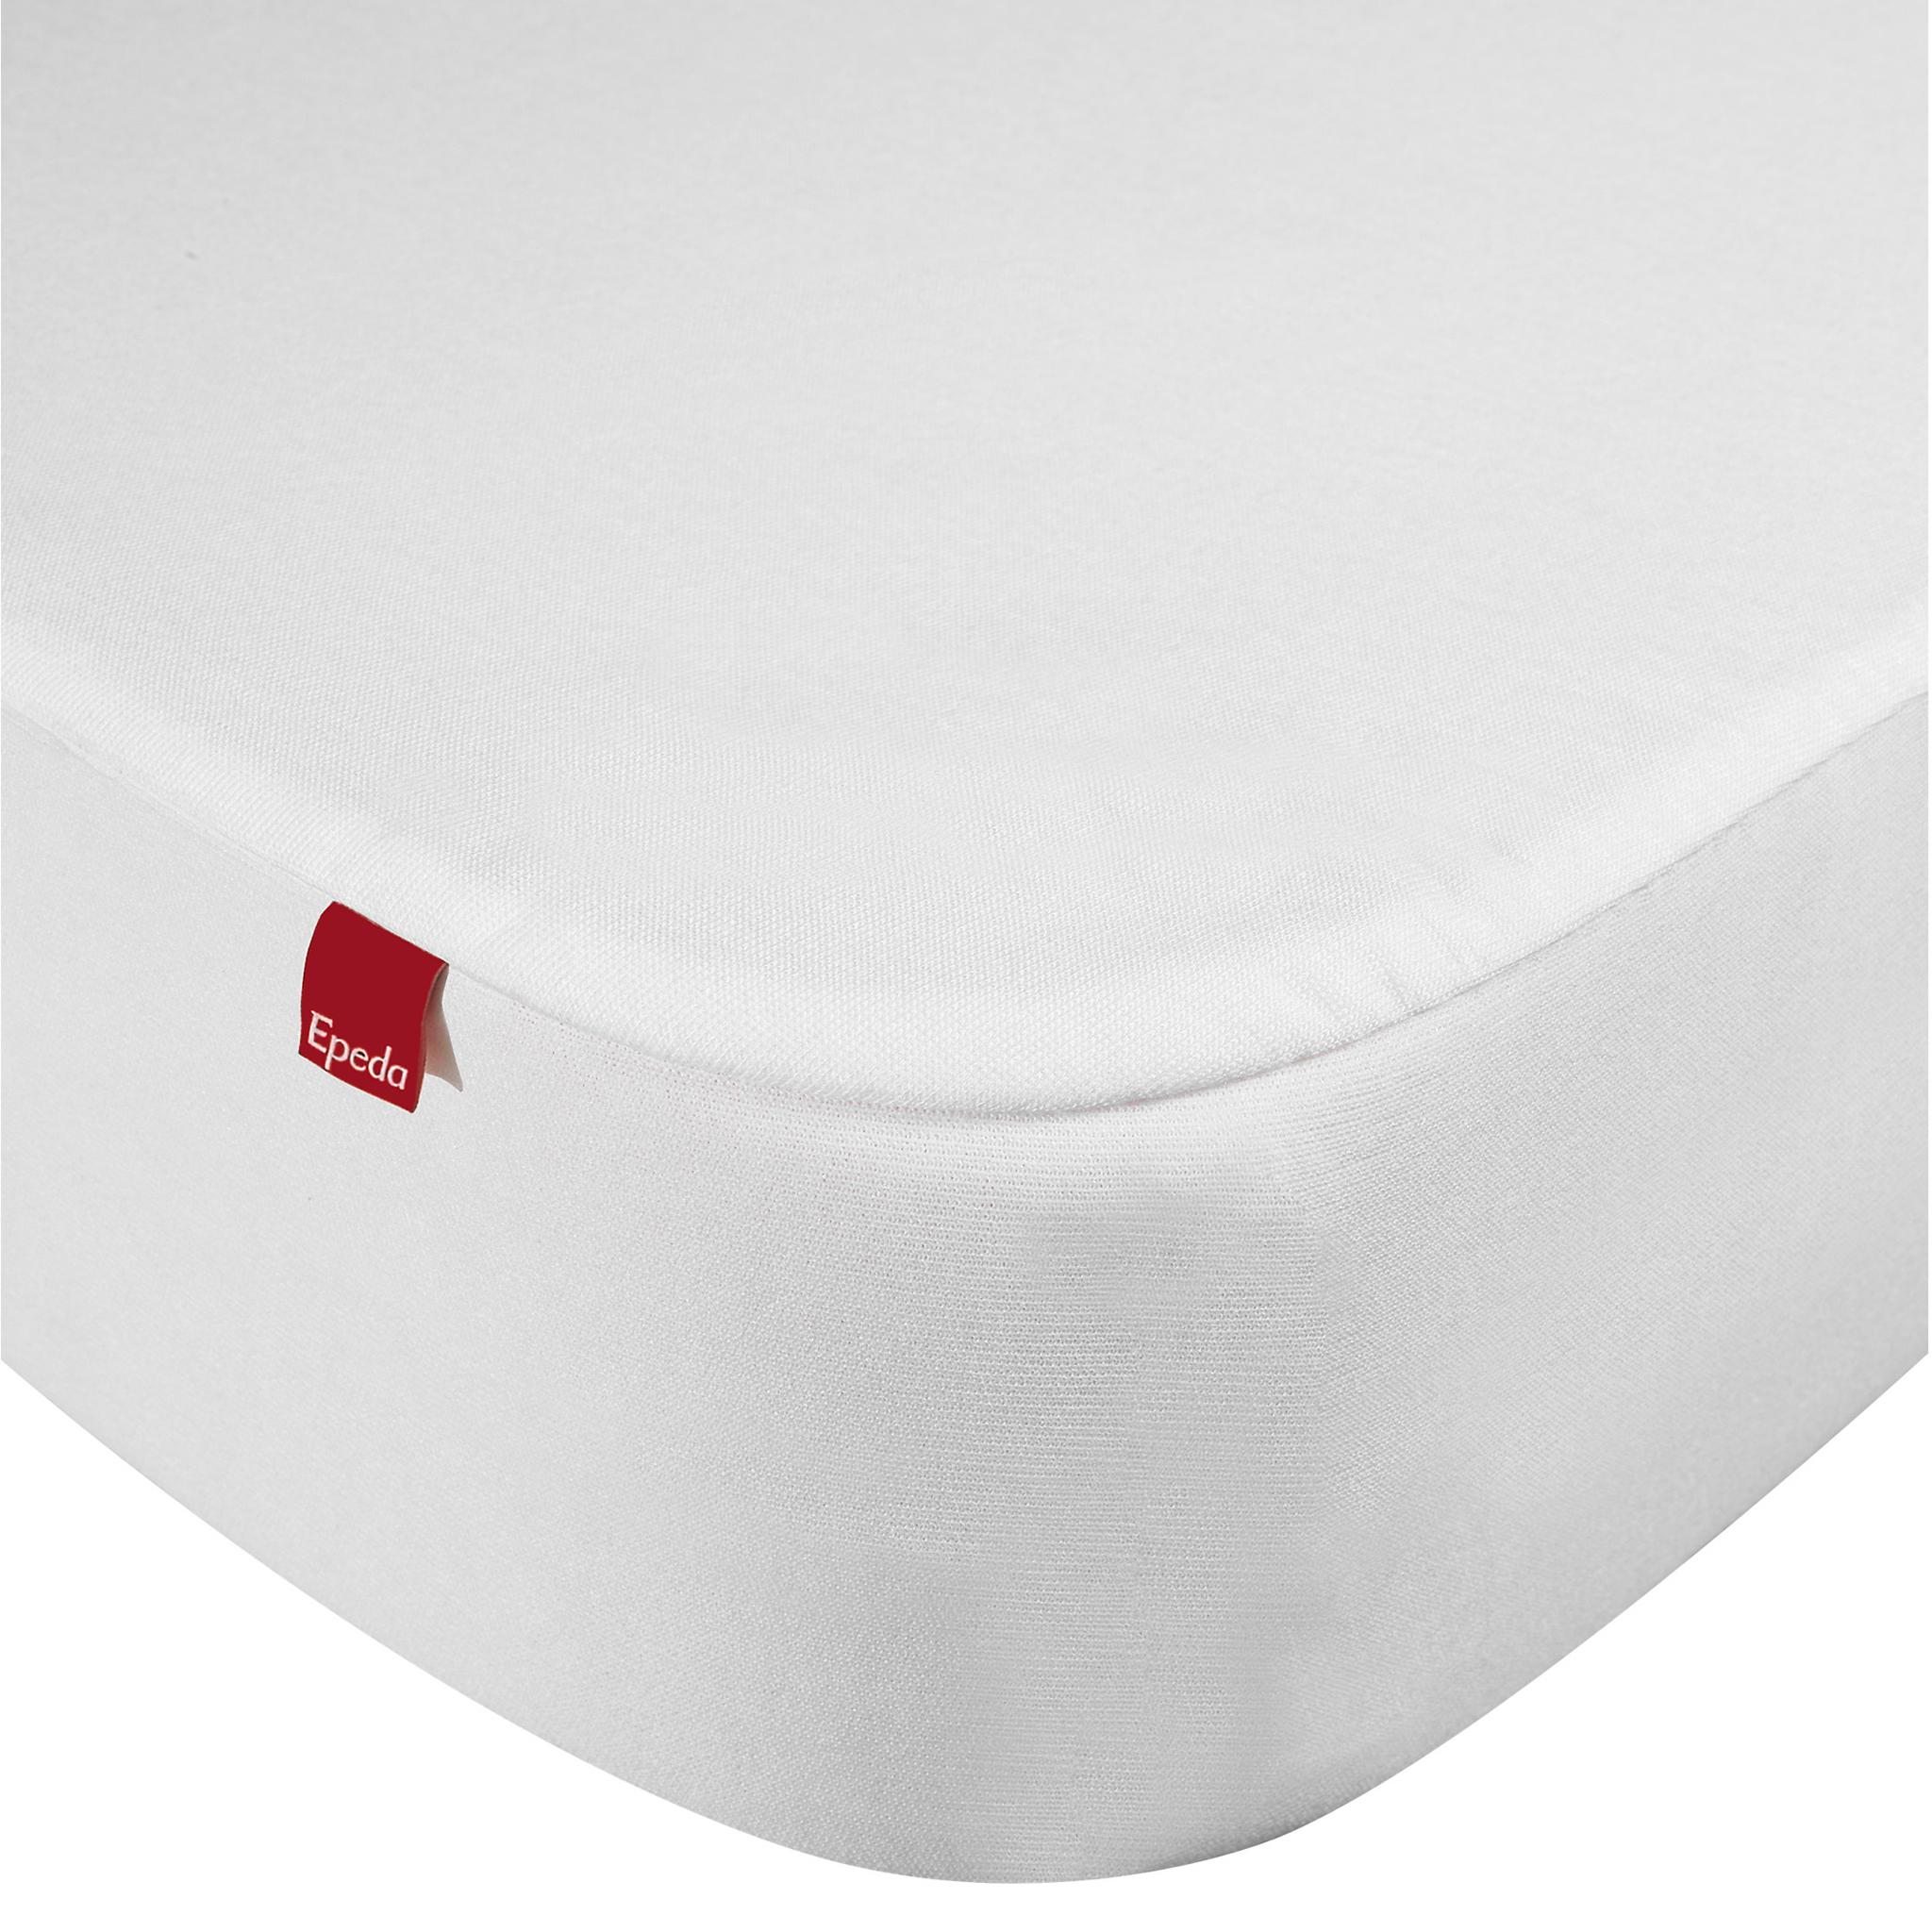 Drap housse protège matelas imperméable 2 en 1 blanc 160x190/200